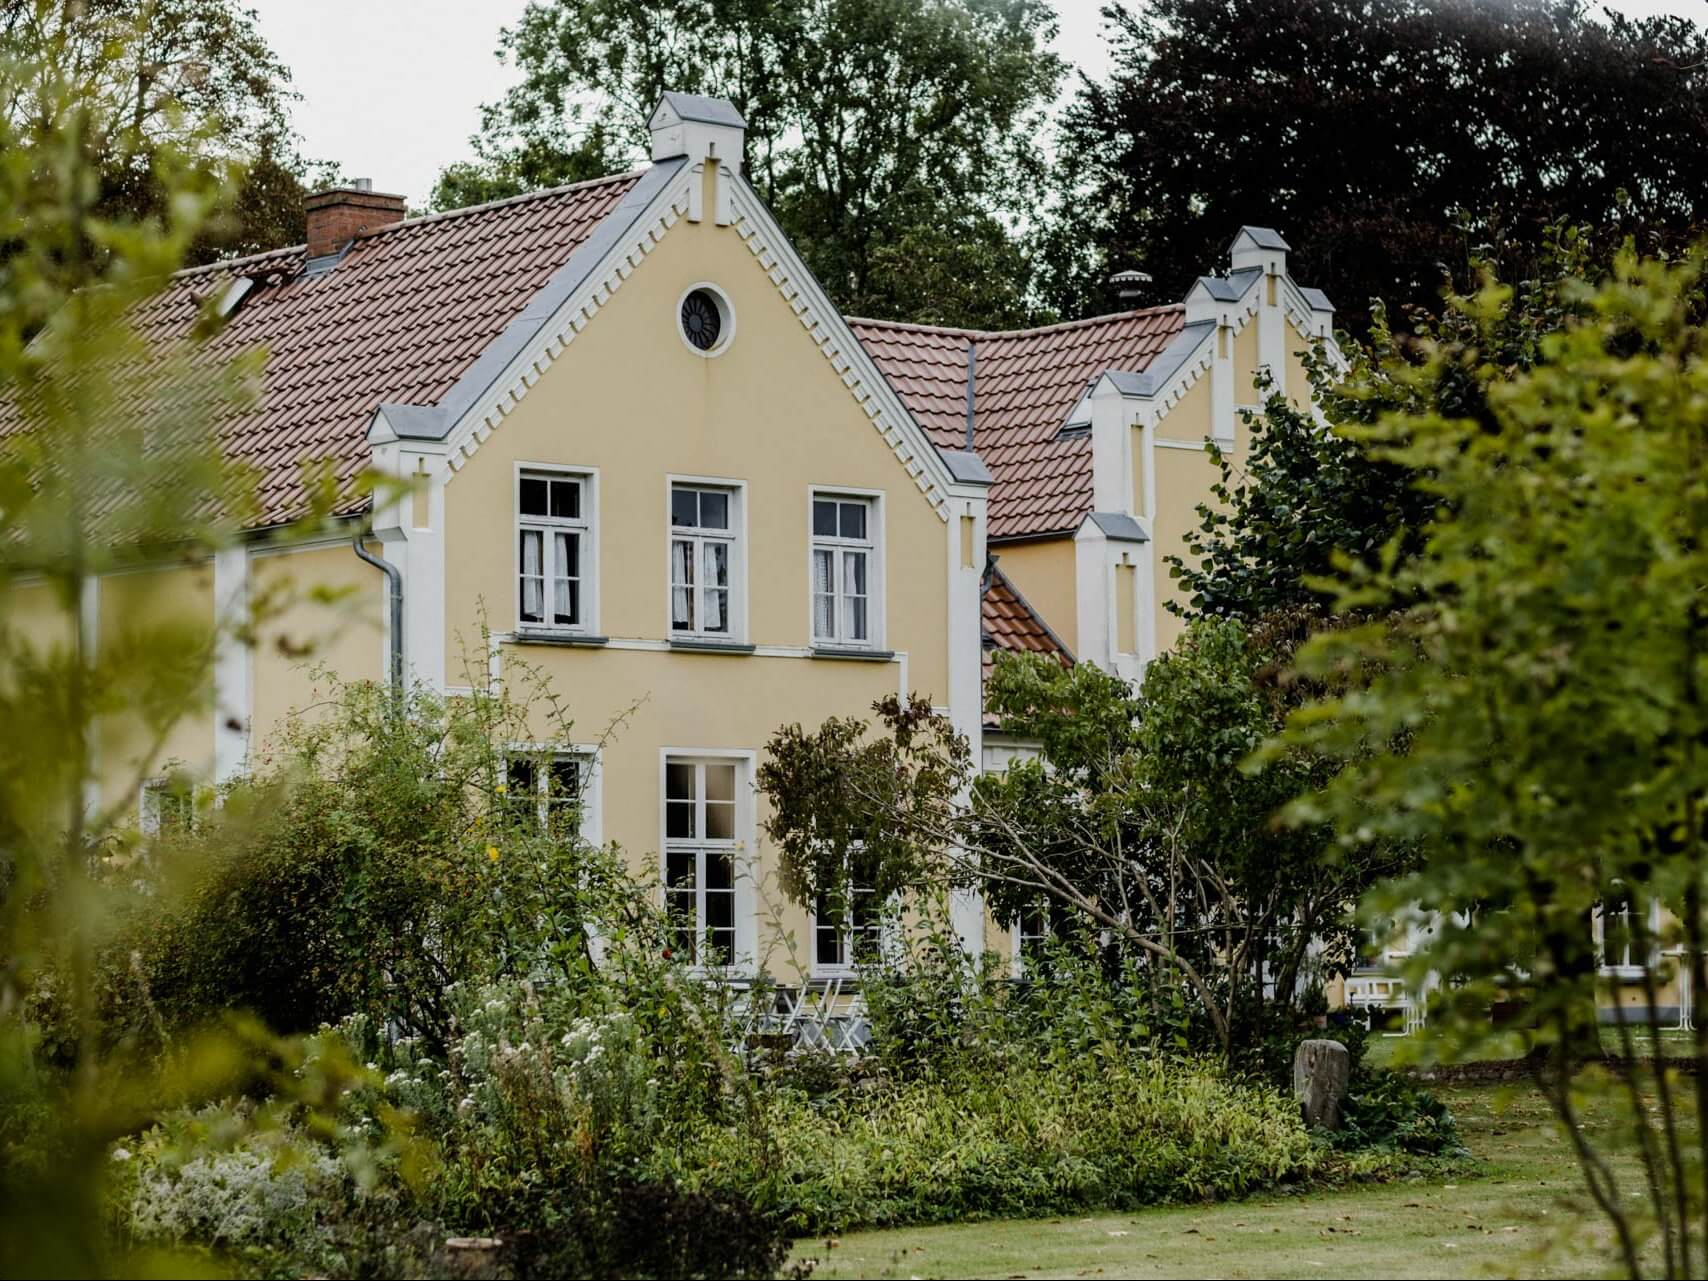 Garten Gutshaus Ehmkendorf